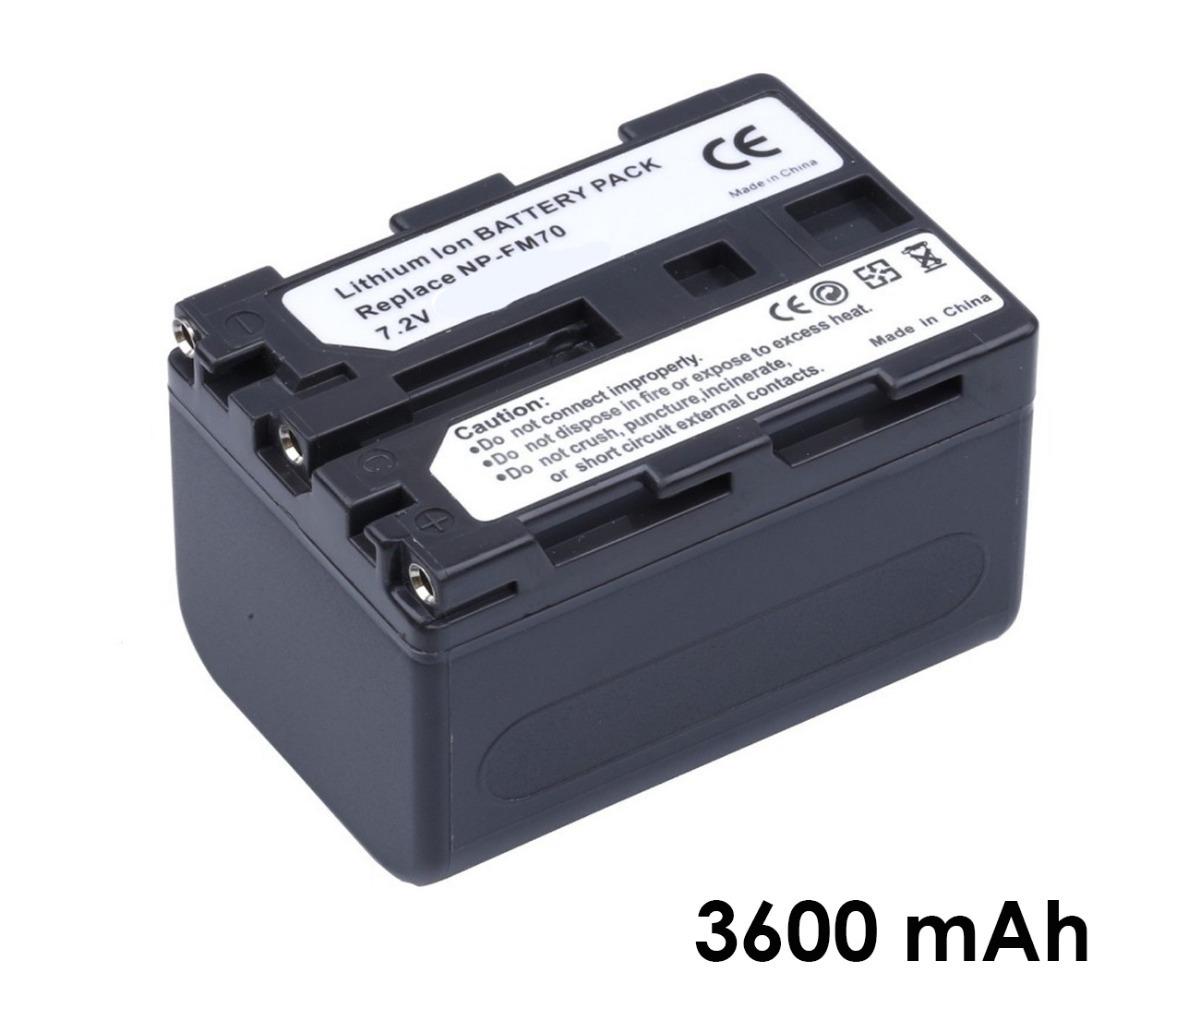 Cargador de batería para Sony ccd-trv-228 ccd-trv-228e ccd-trv-238 ccd-trv-238e